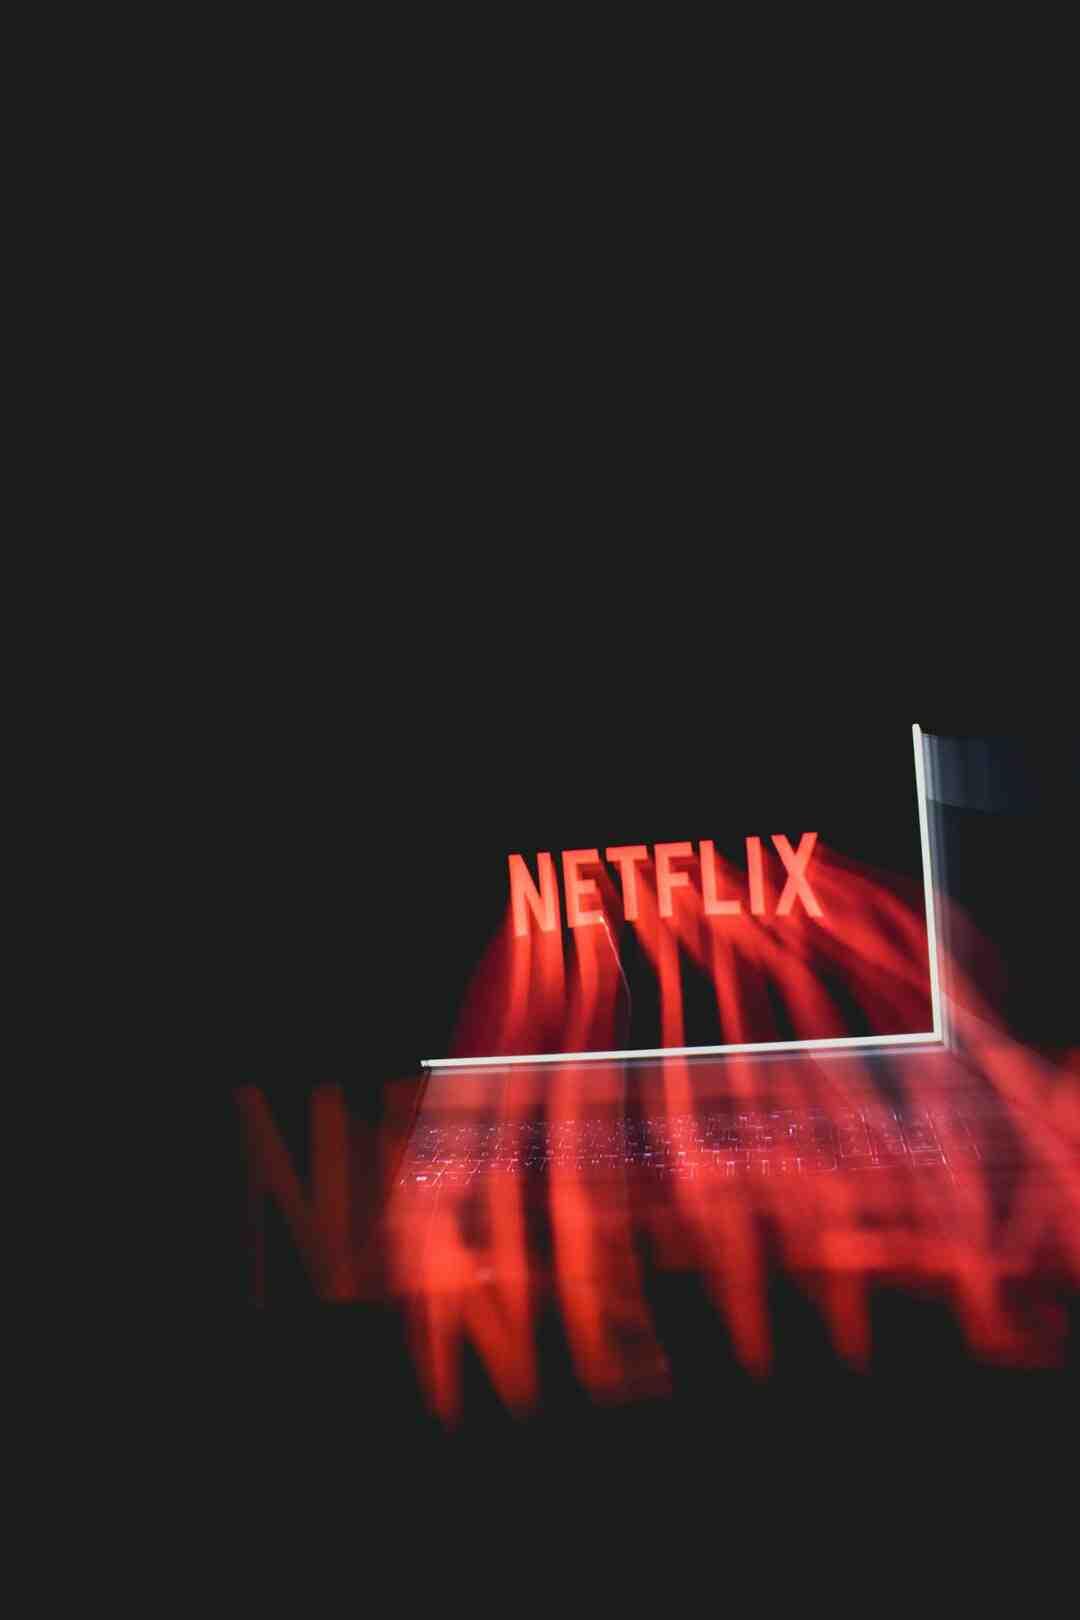 Comment regarder netflix gratuitement